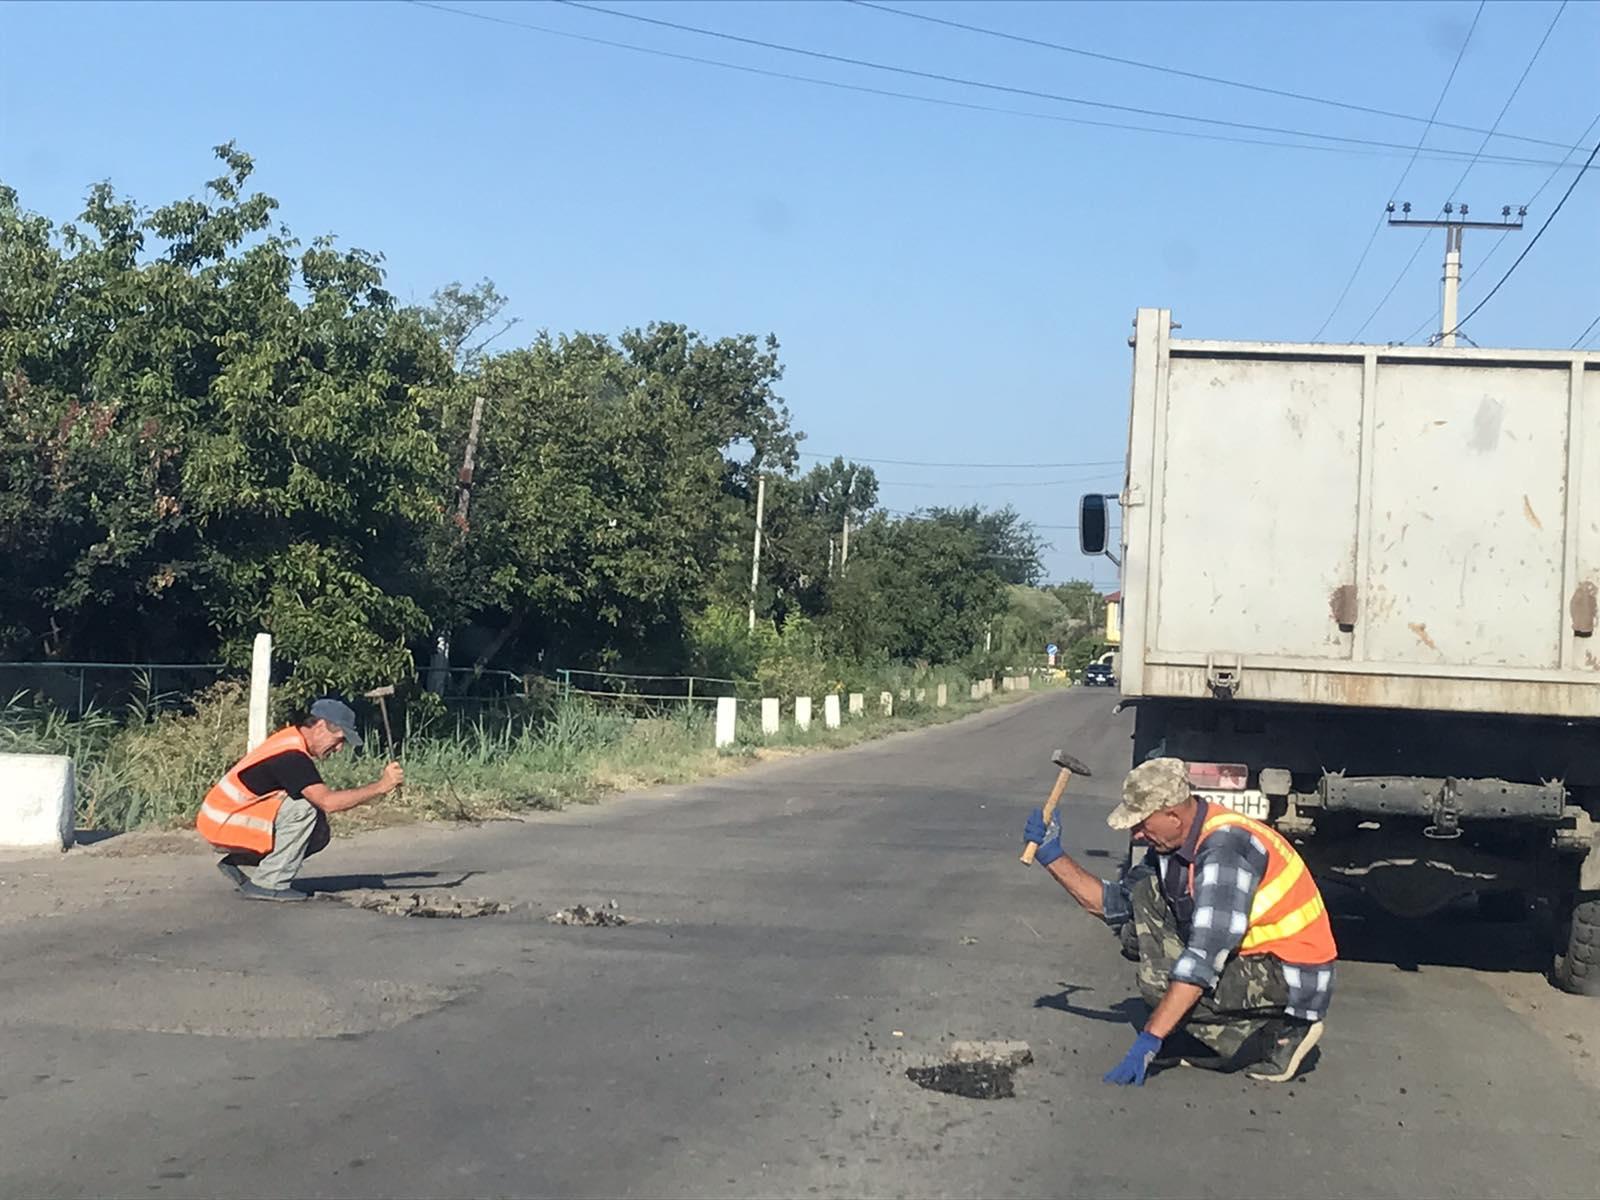 Вторая жизнь асфальта: в Килии коммунальщики засыпают ямы на дорогах асфальтной крошкой